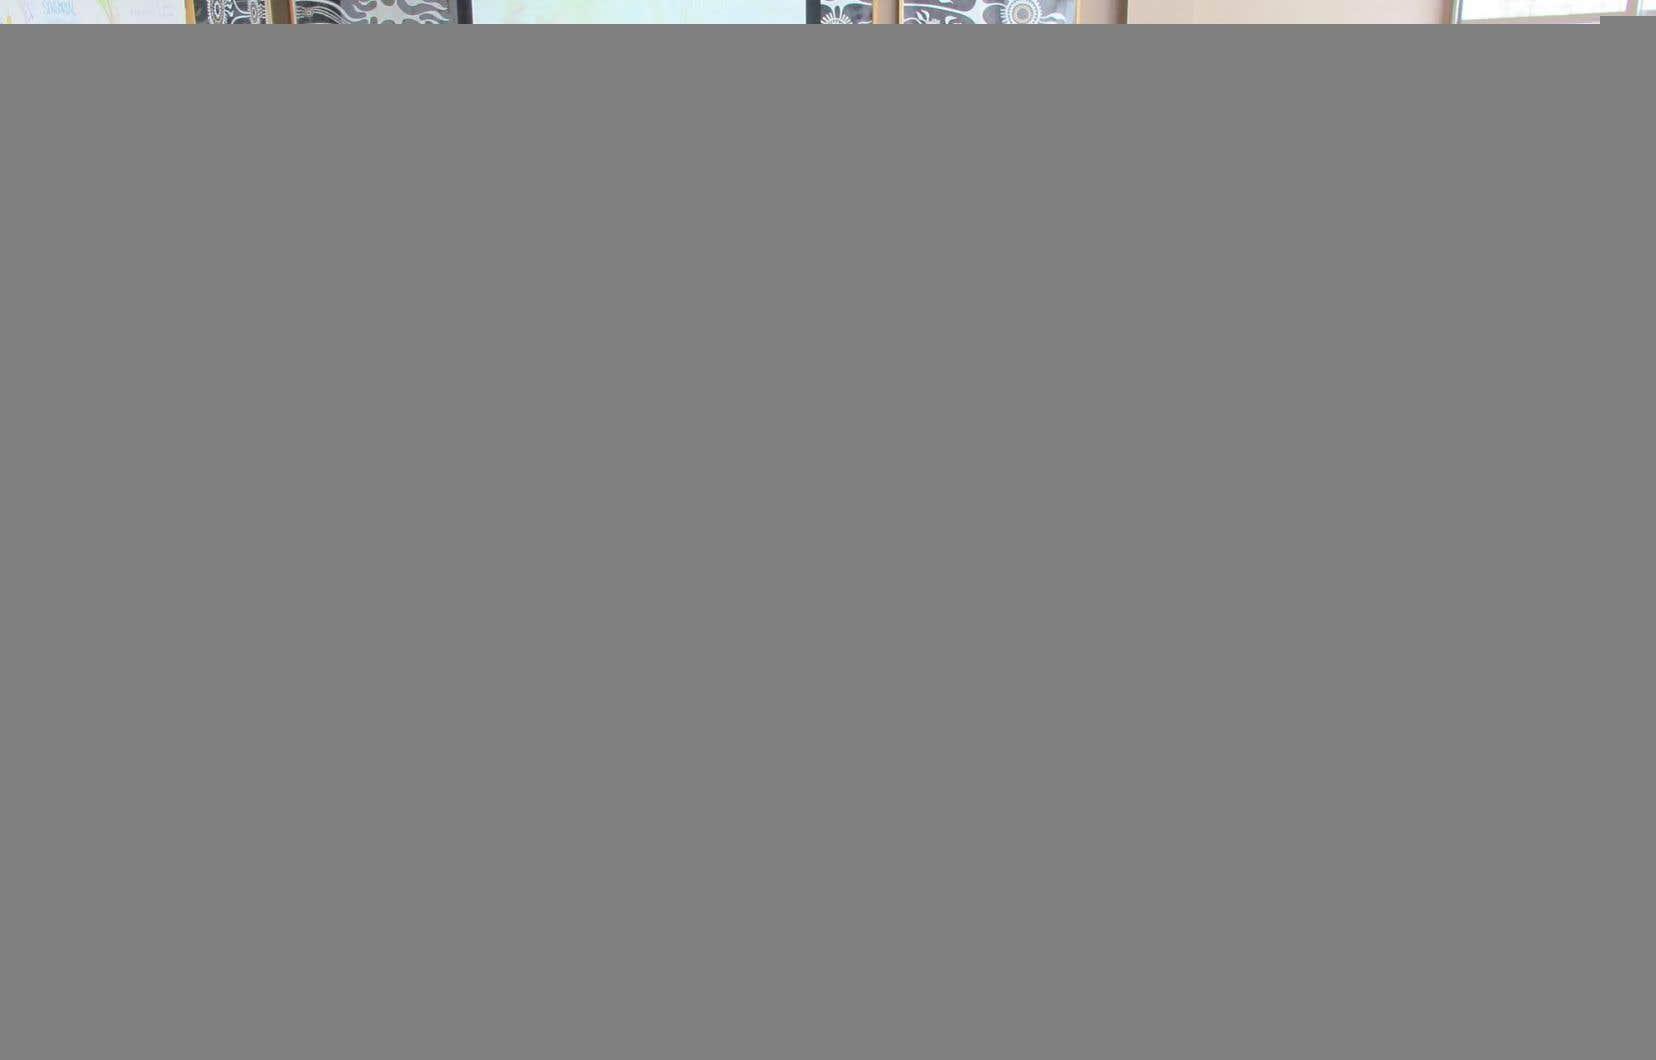 Pour l'agrandissement de l'Insectarium de Montréal, l'entreprise a fait appel à différents corps de métiers. Aux employés et experts biologistes ont été ajoutés des documentaristes, des chorégraphes ou encore des designers. Au travers d'ateliers, les participants en sont venus à adopter un préprojet de «codesign».